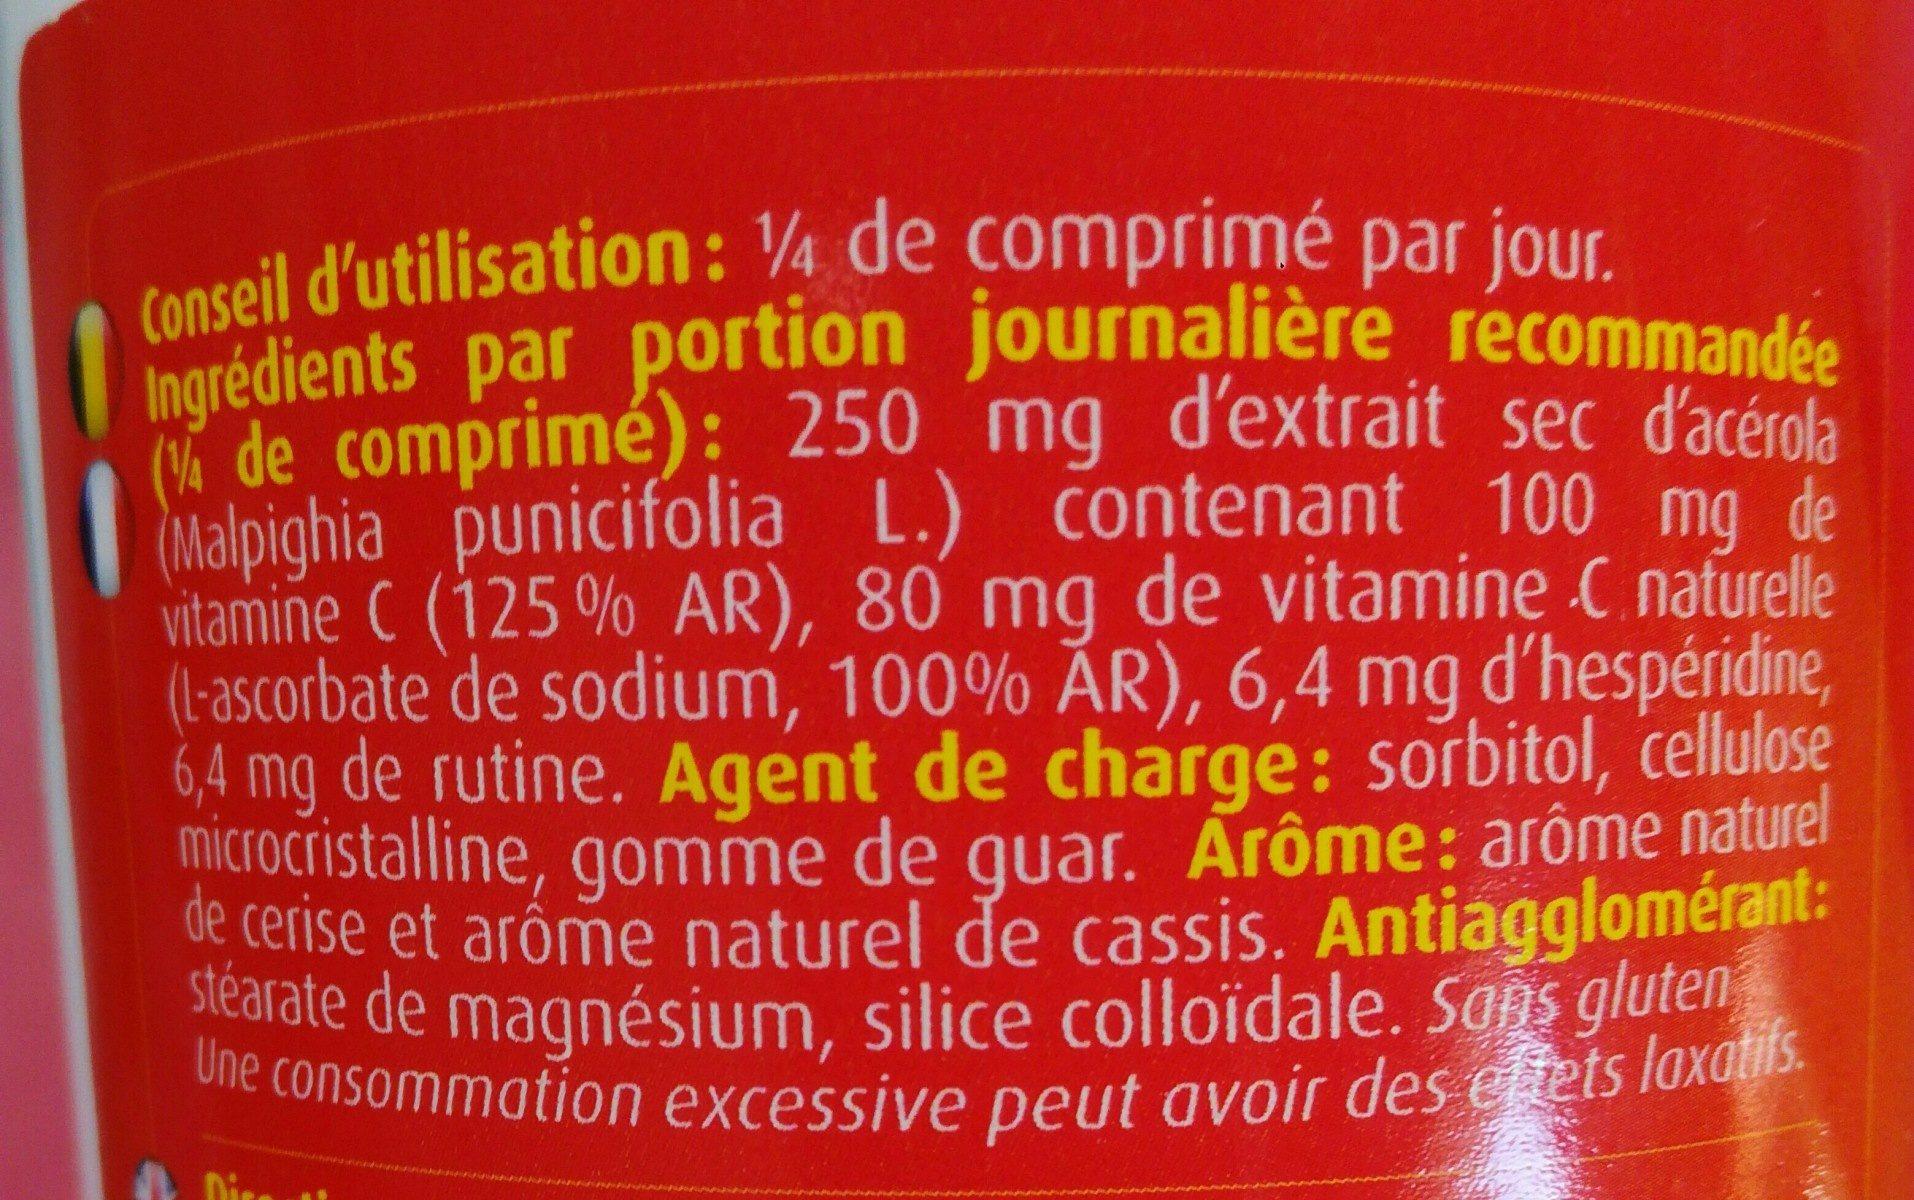 Acerola C-max 720MG - 150 Comprimés - Orthonat - Ingredients - fr